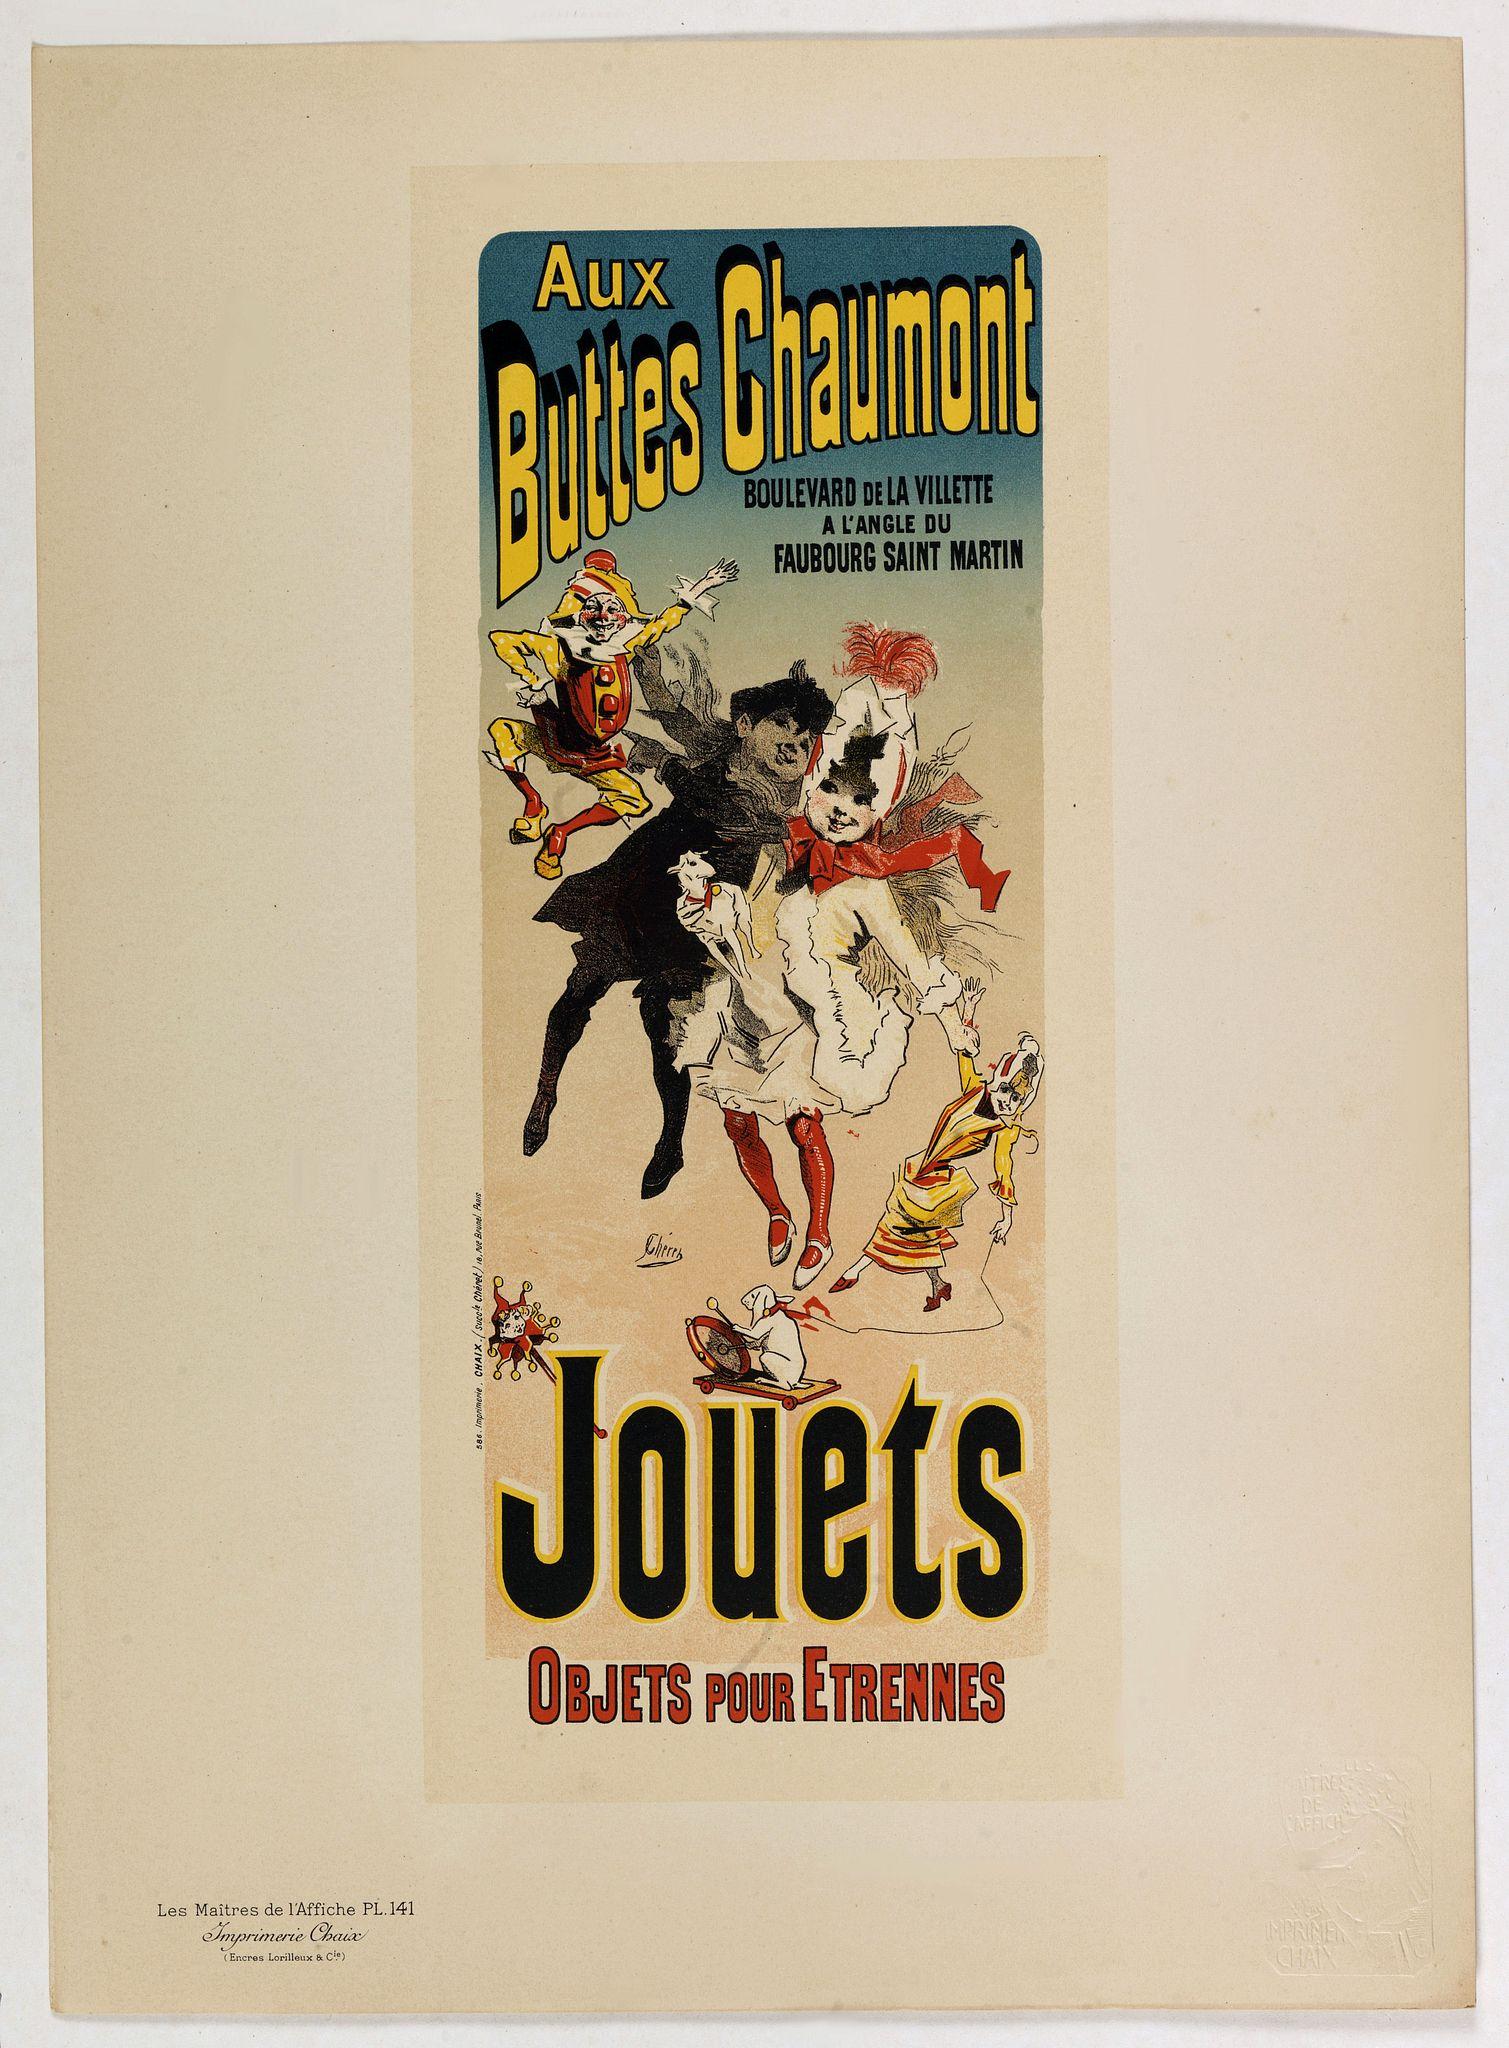 CHERET, J. -  Aux buttes Chaumont.